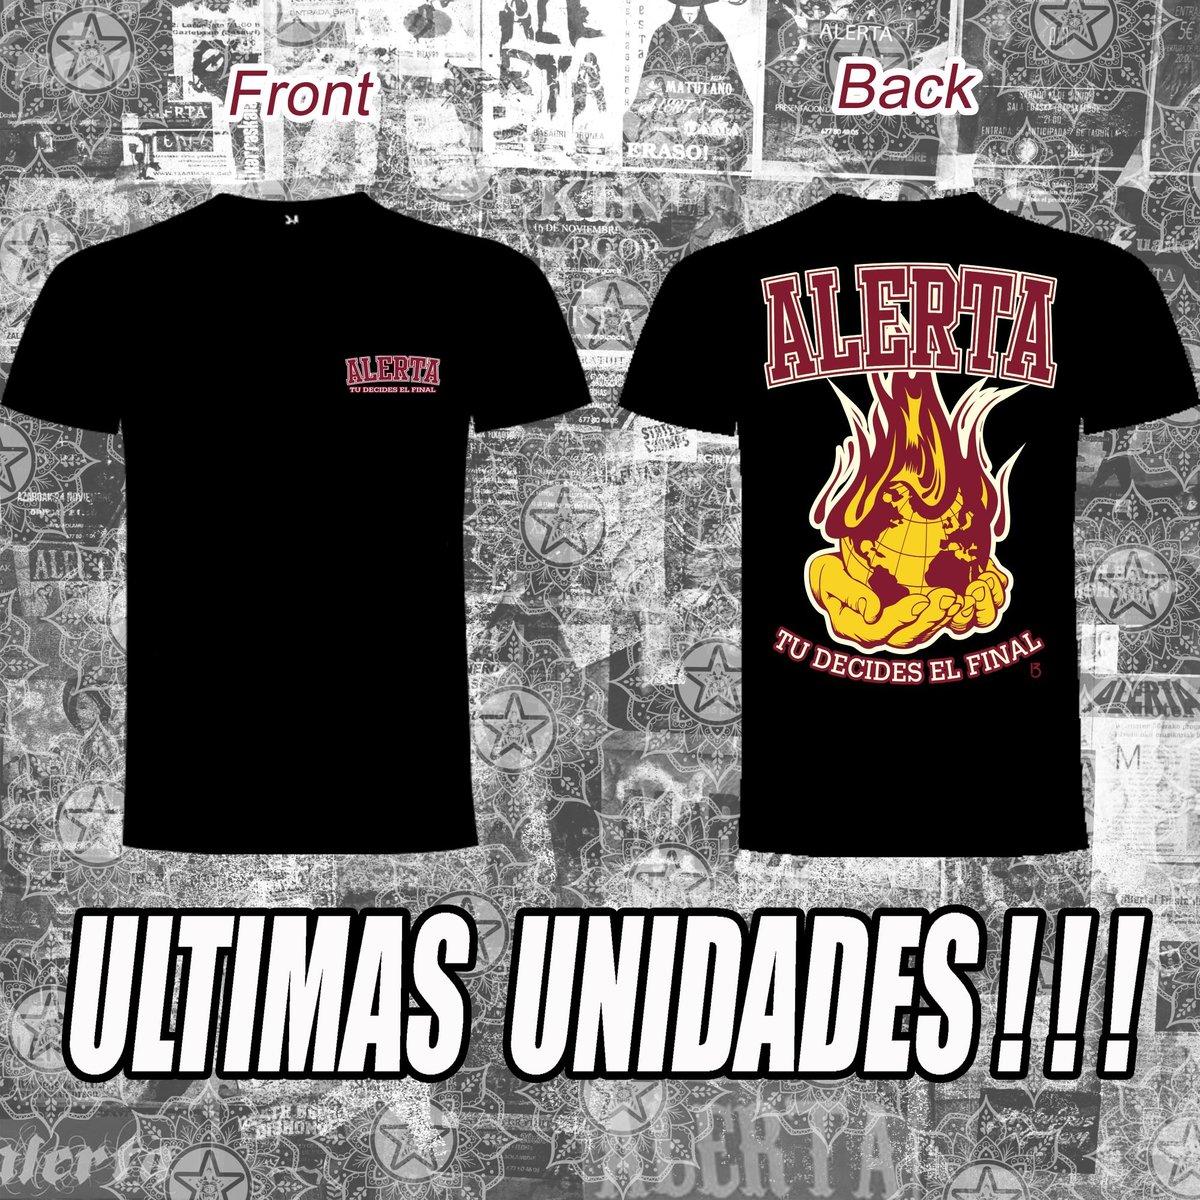 """Image of Camiseta """"Tú decides el final"""" (edicion limitada). ¡¡¡ULTIMAS UNIDADES!!!!"""